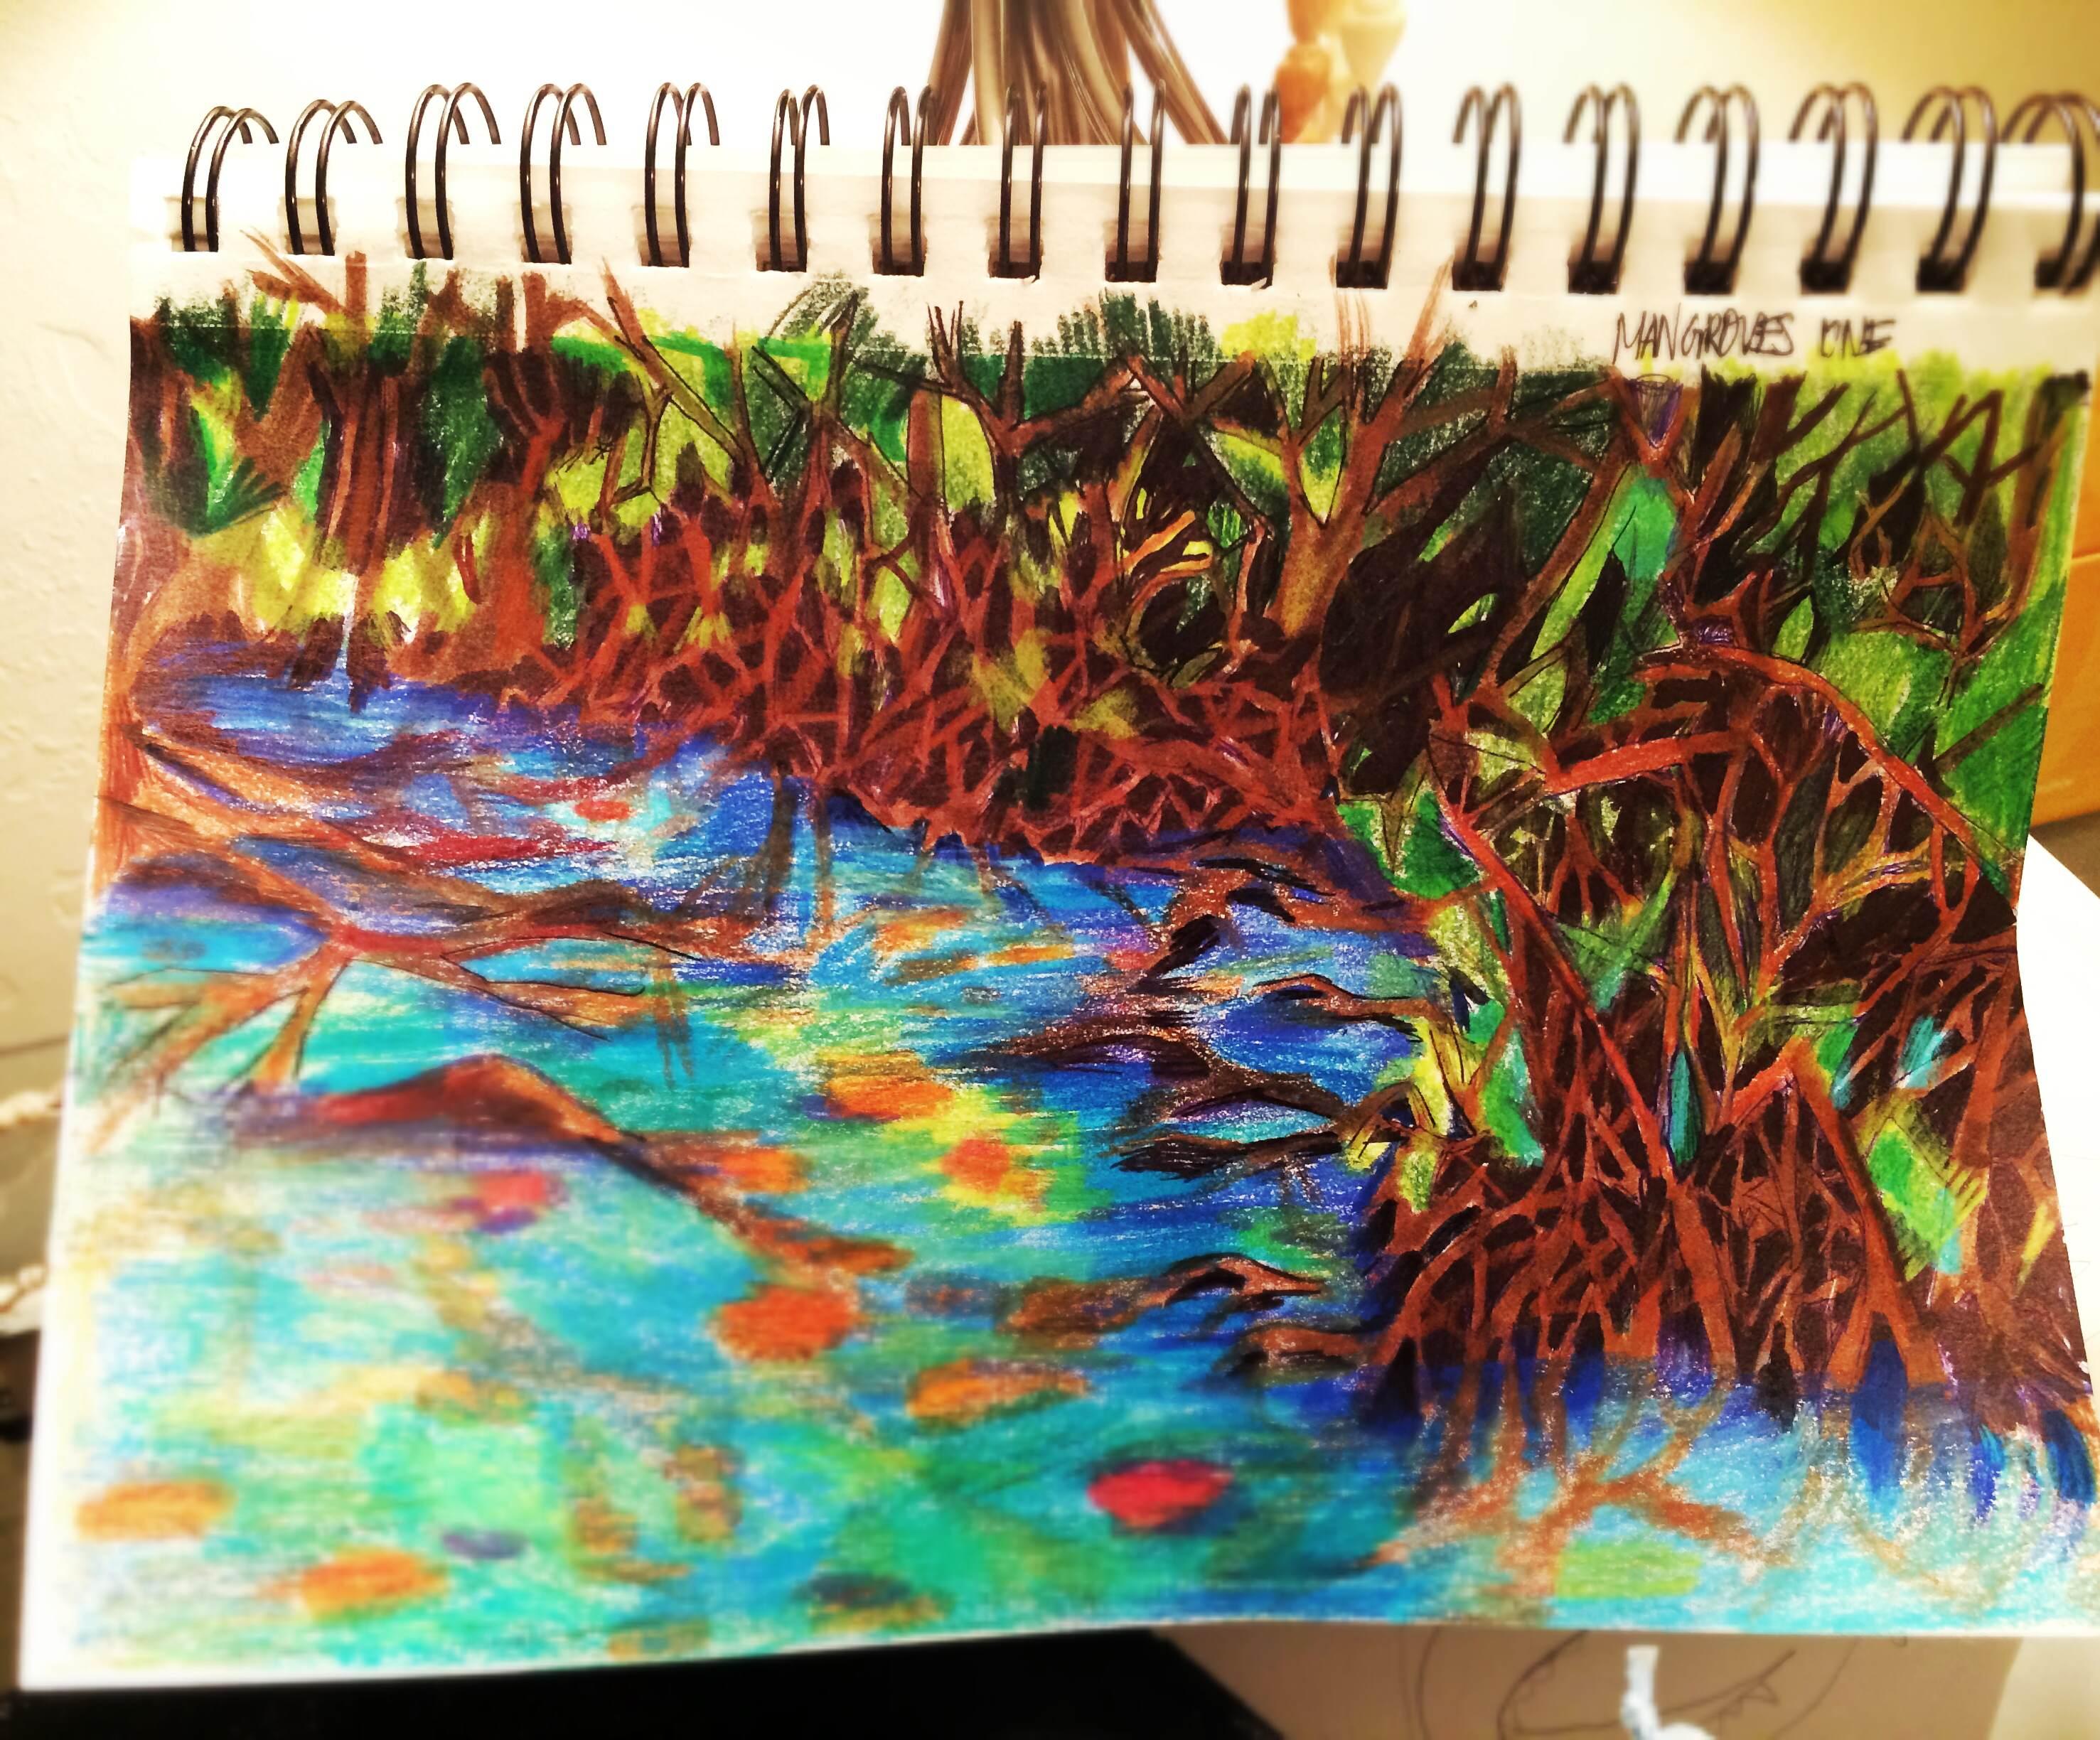 Mangrove essay